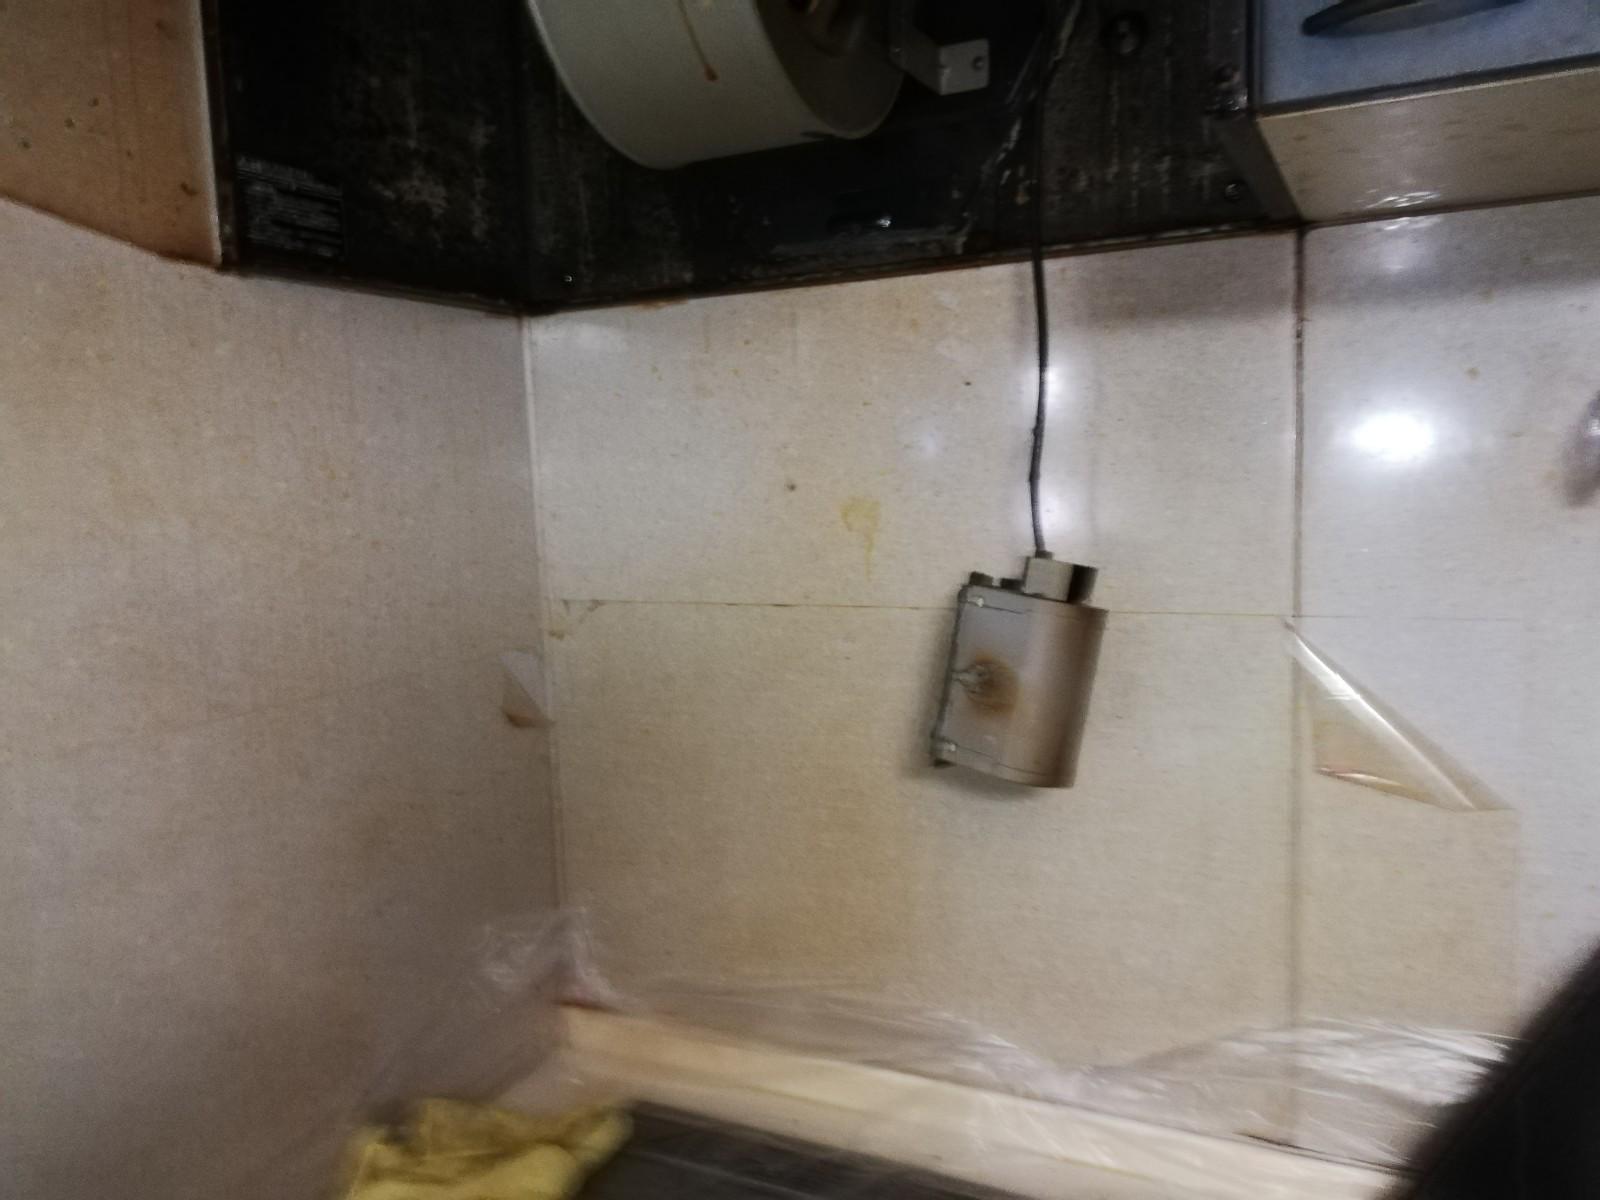 キッチン周りの壁がベタベタで汚れが取れない!スッキリしてほしい!Before